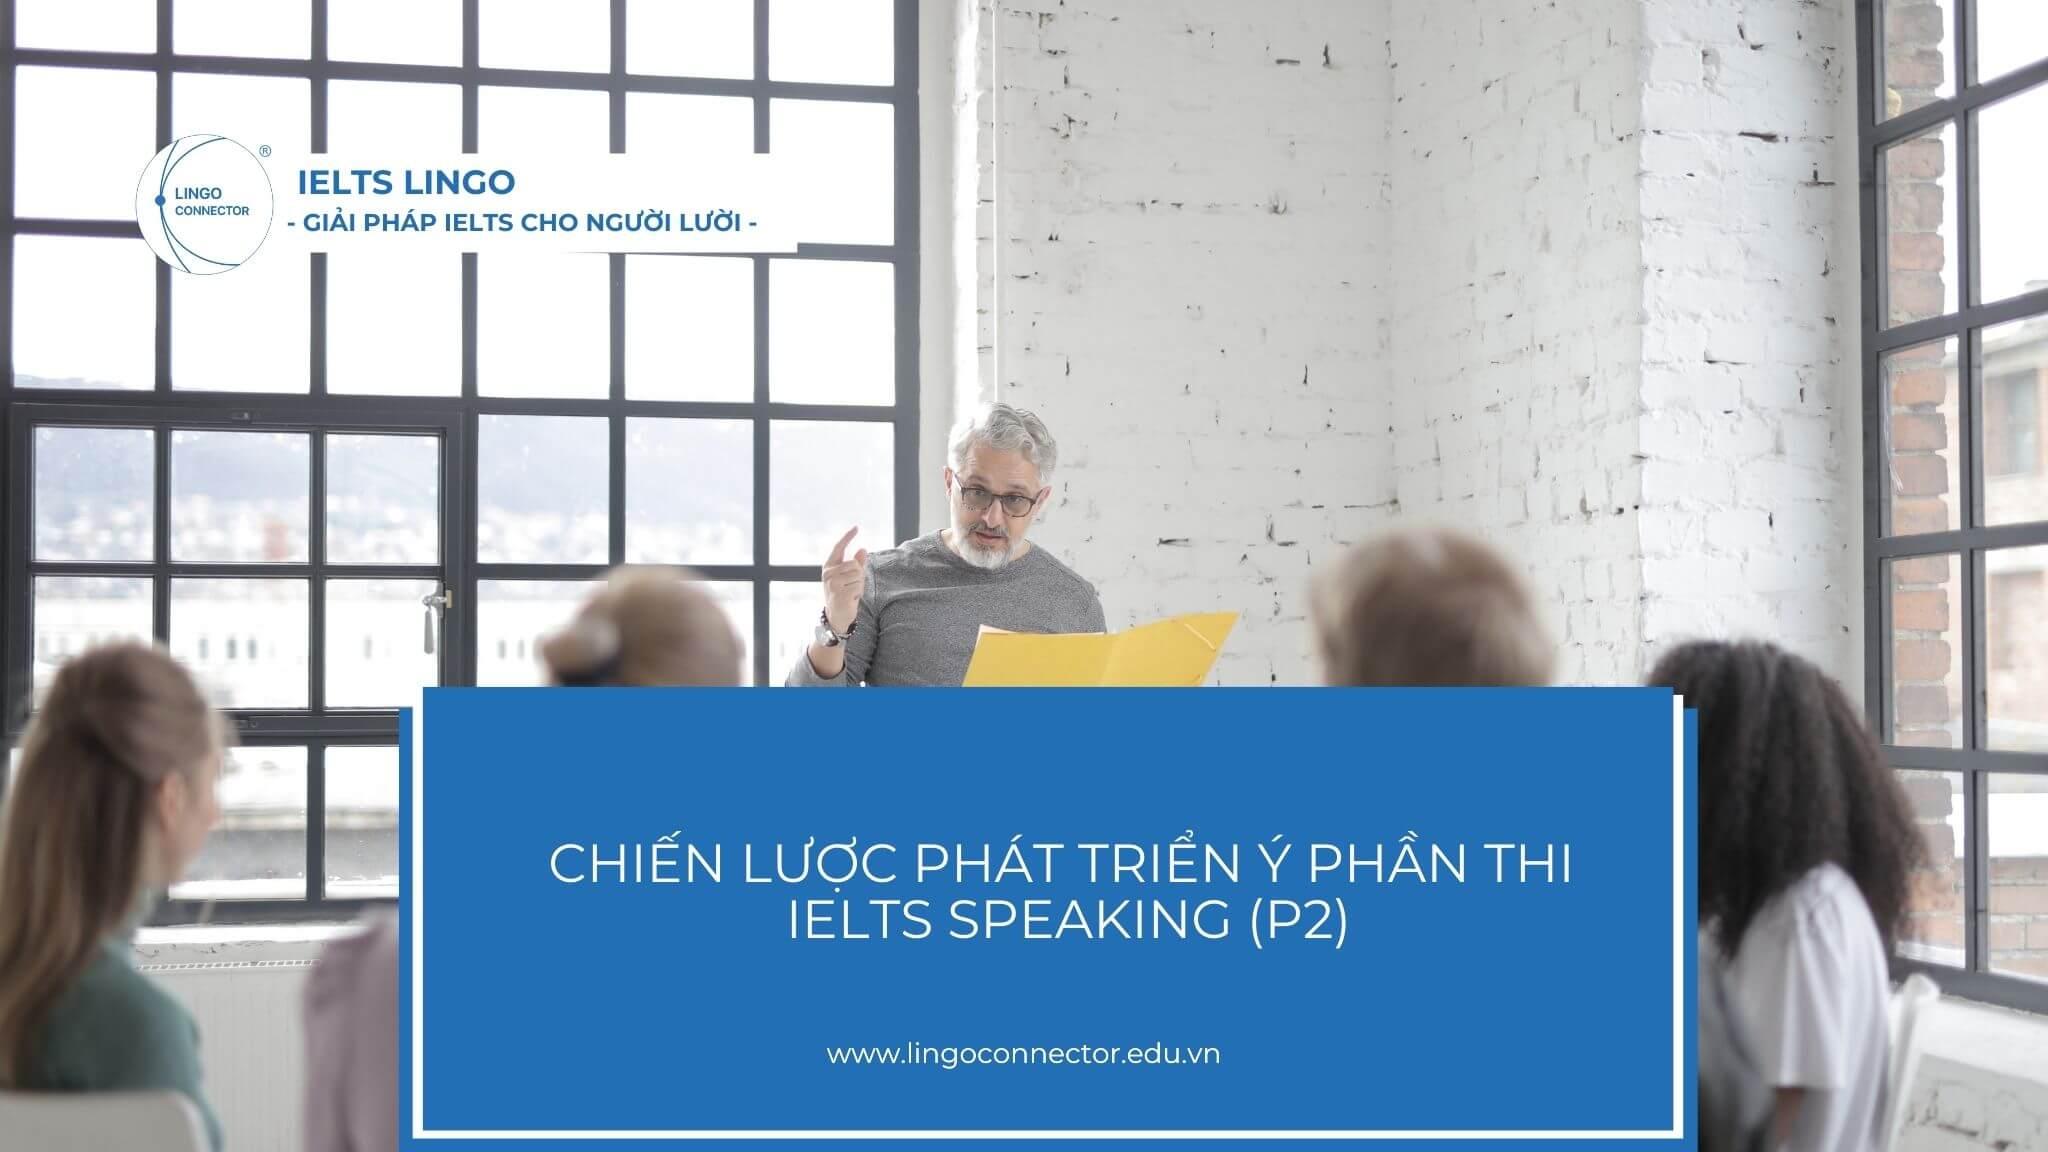 ietls-speaking-chien-luoc-phat-trien-y